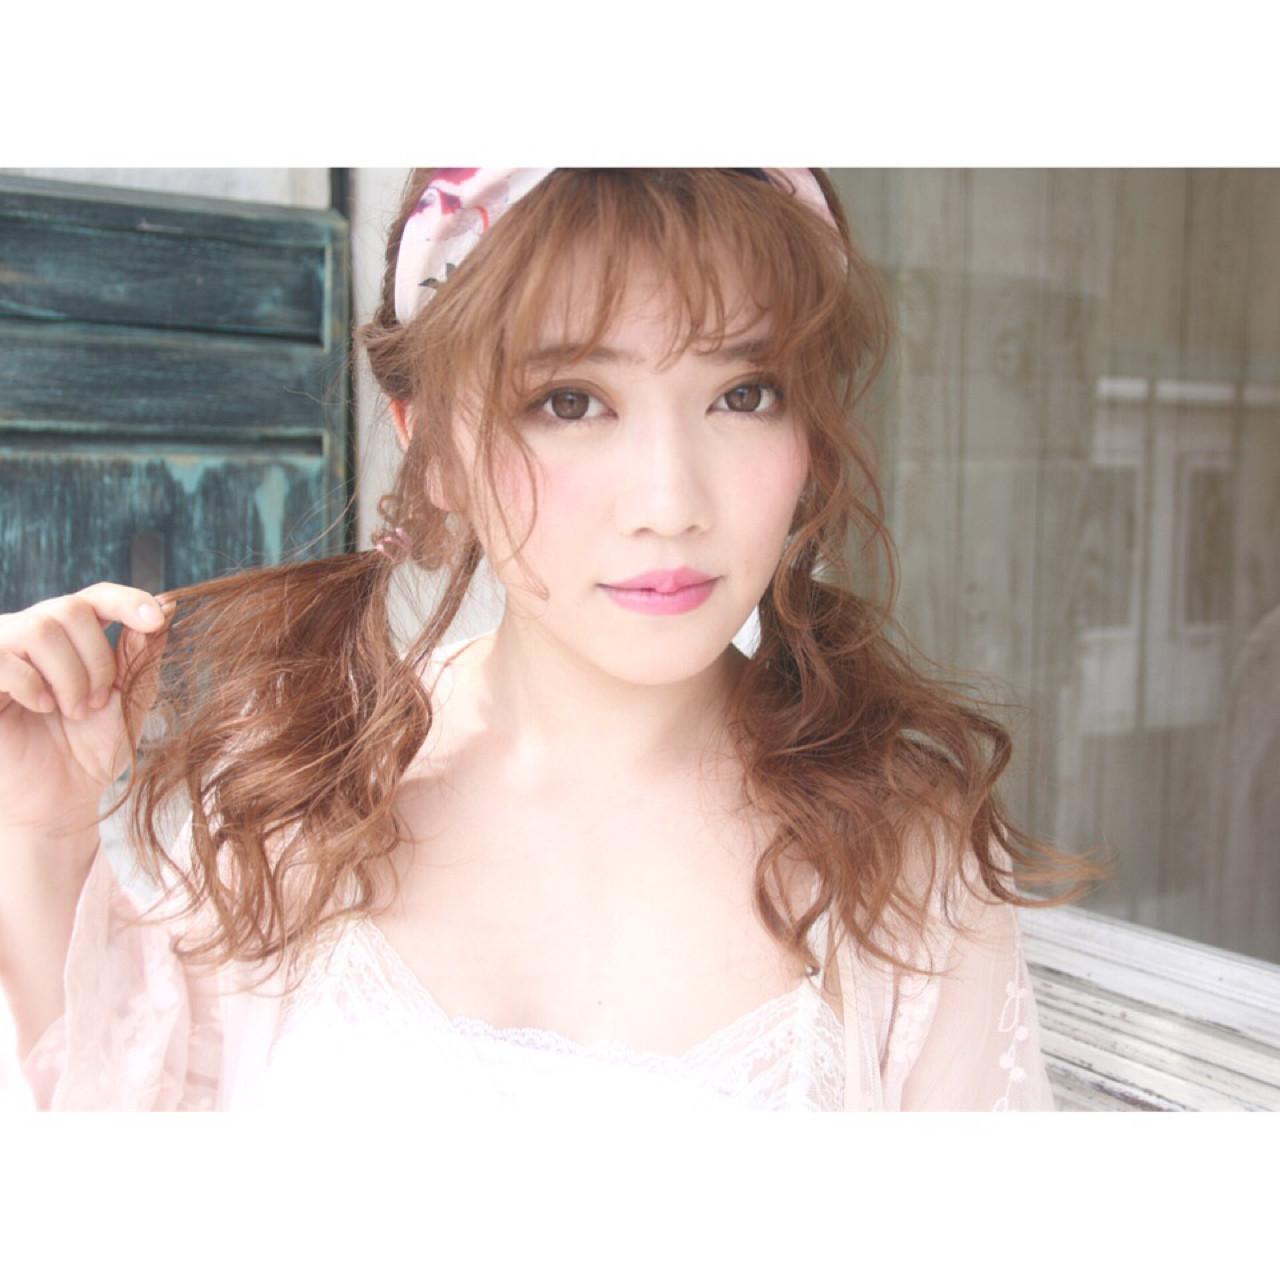 バンダナを使った髪型で可愛さUP♡とっておきアレンジ特集 松谷 聖史